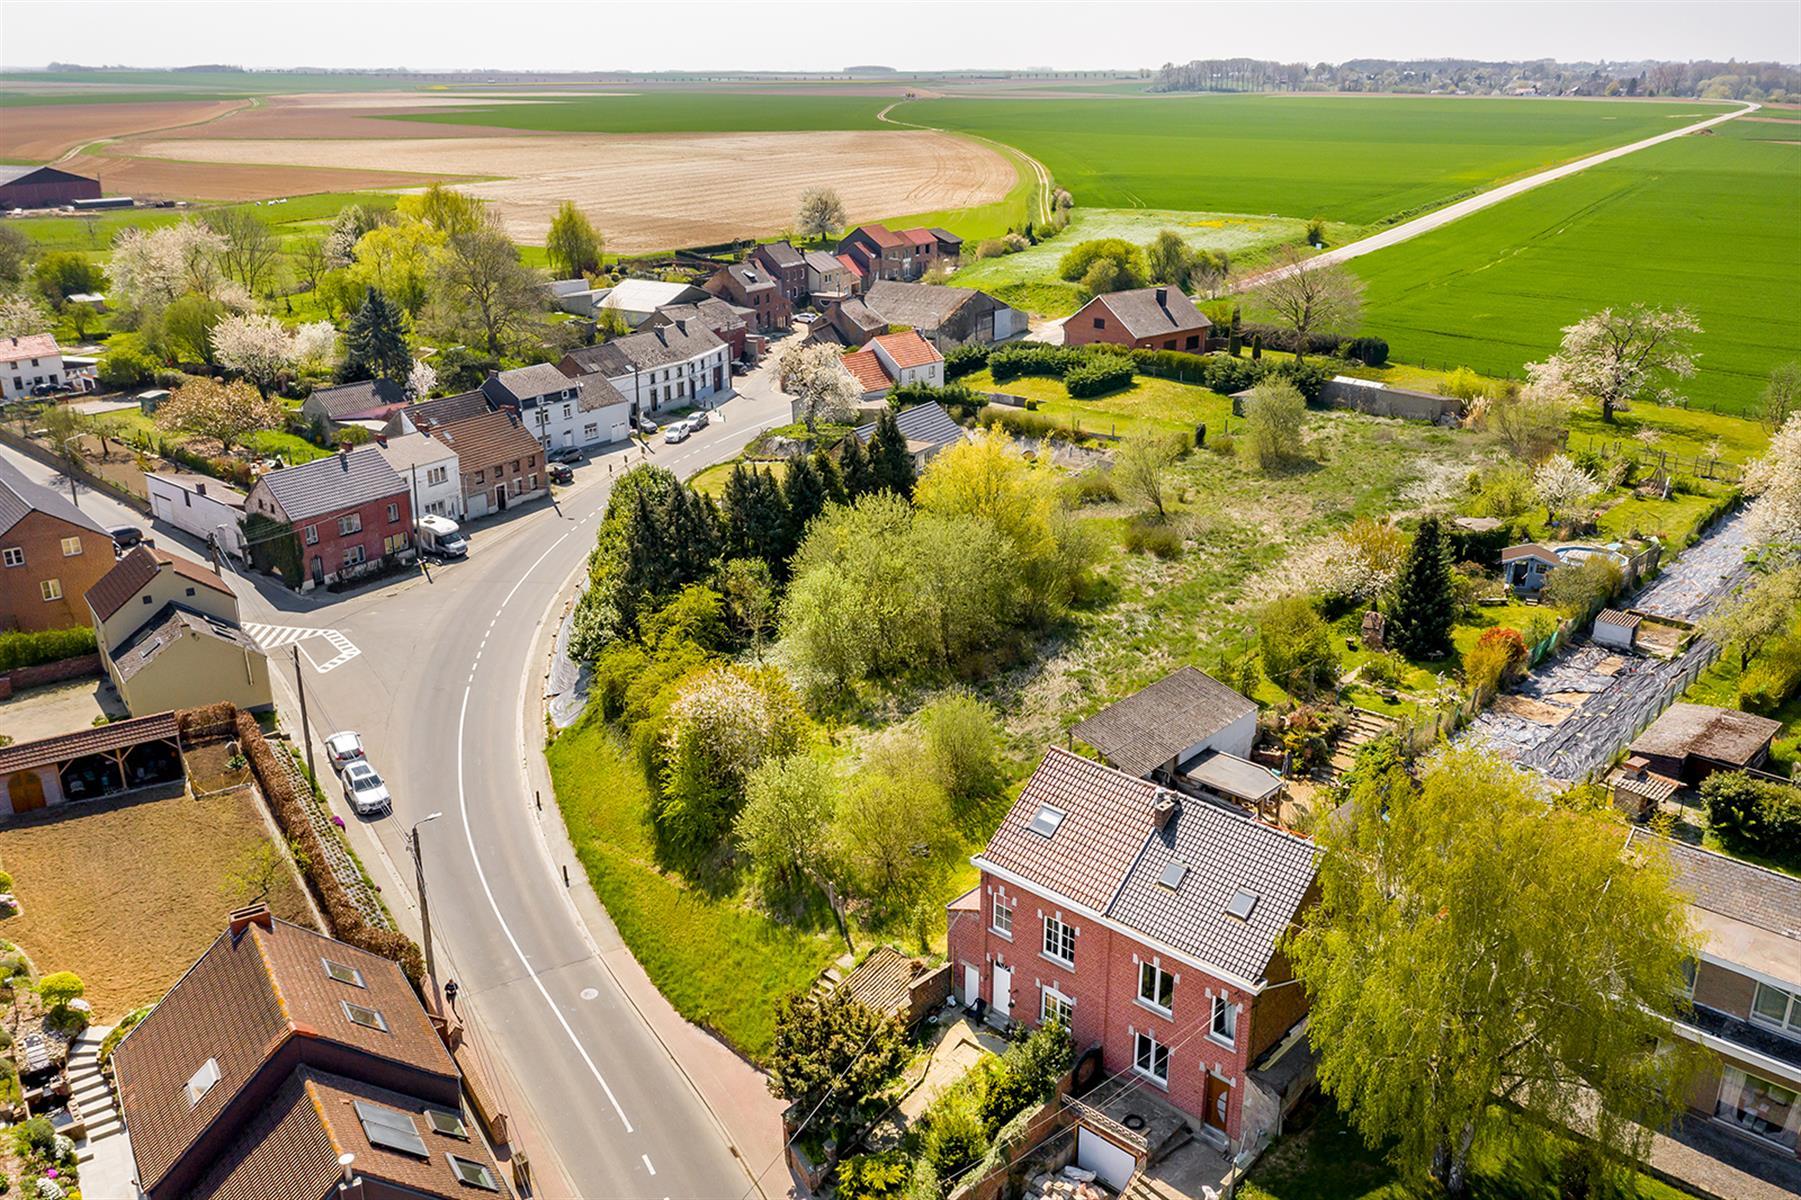 Terrain à bâtir - Orp-Jauche - #4343598-5